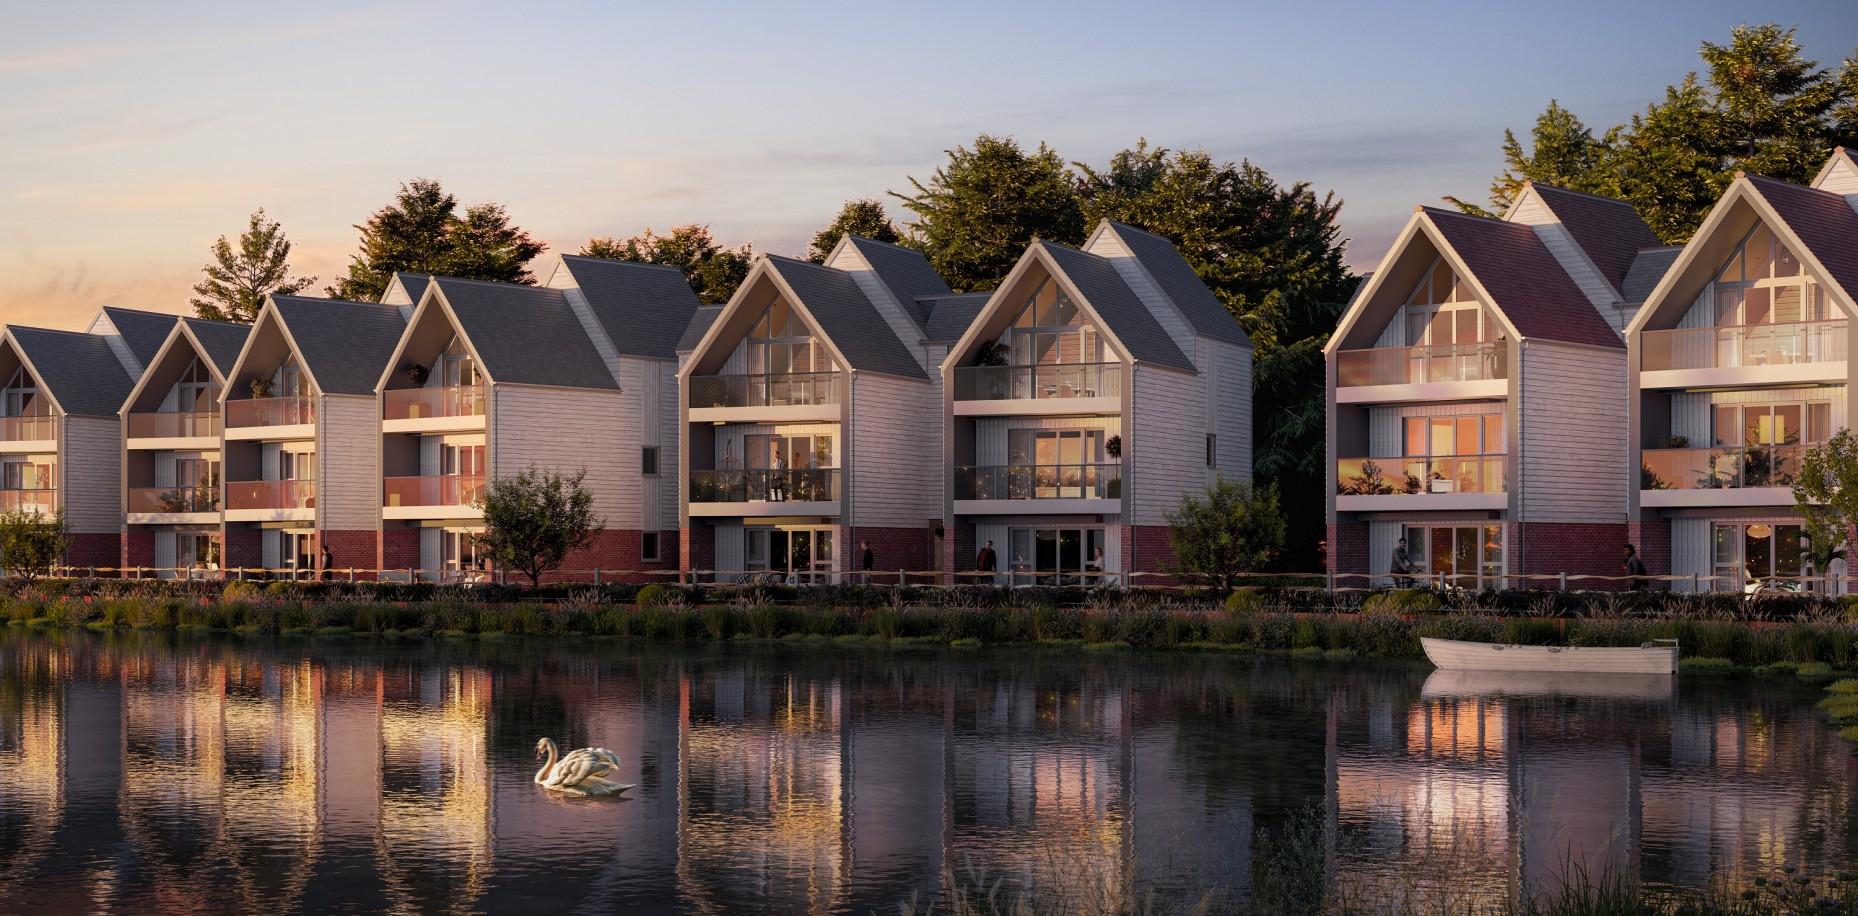 Waterfront homes at Conningbrook Lakes, Ashford